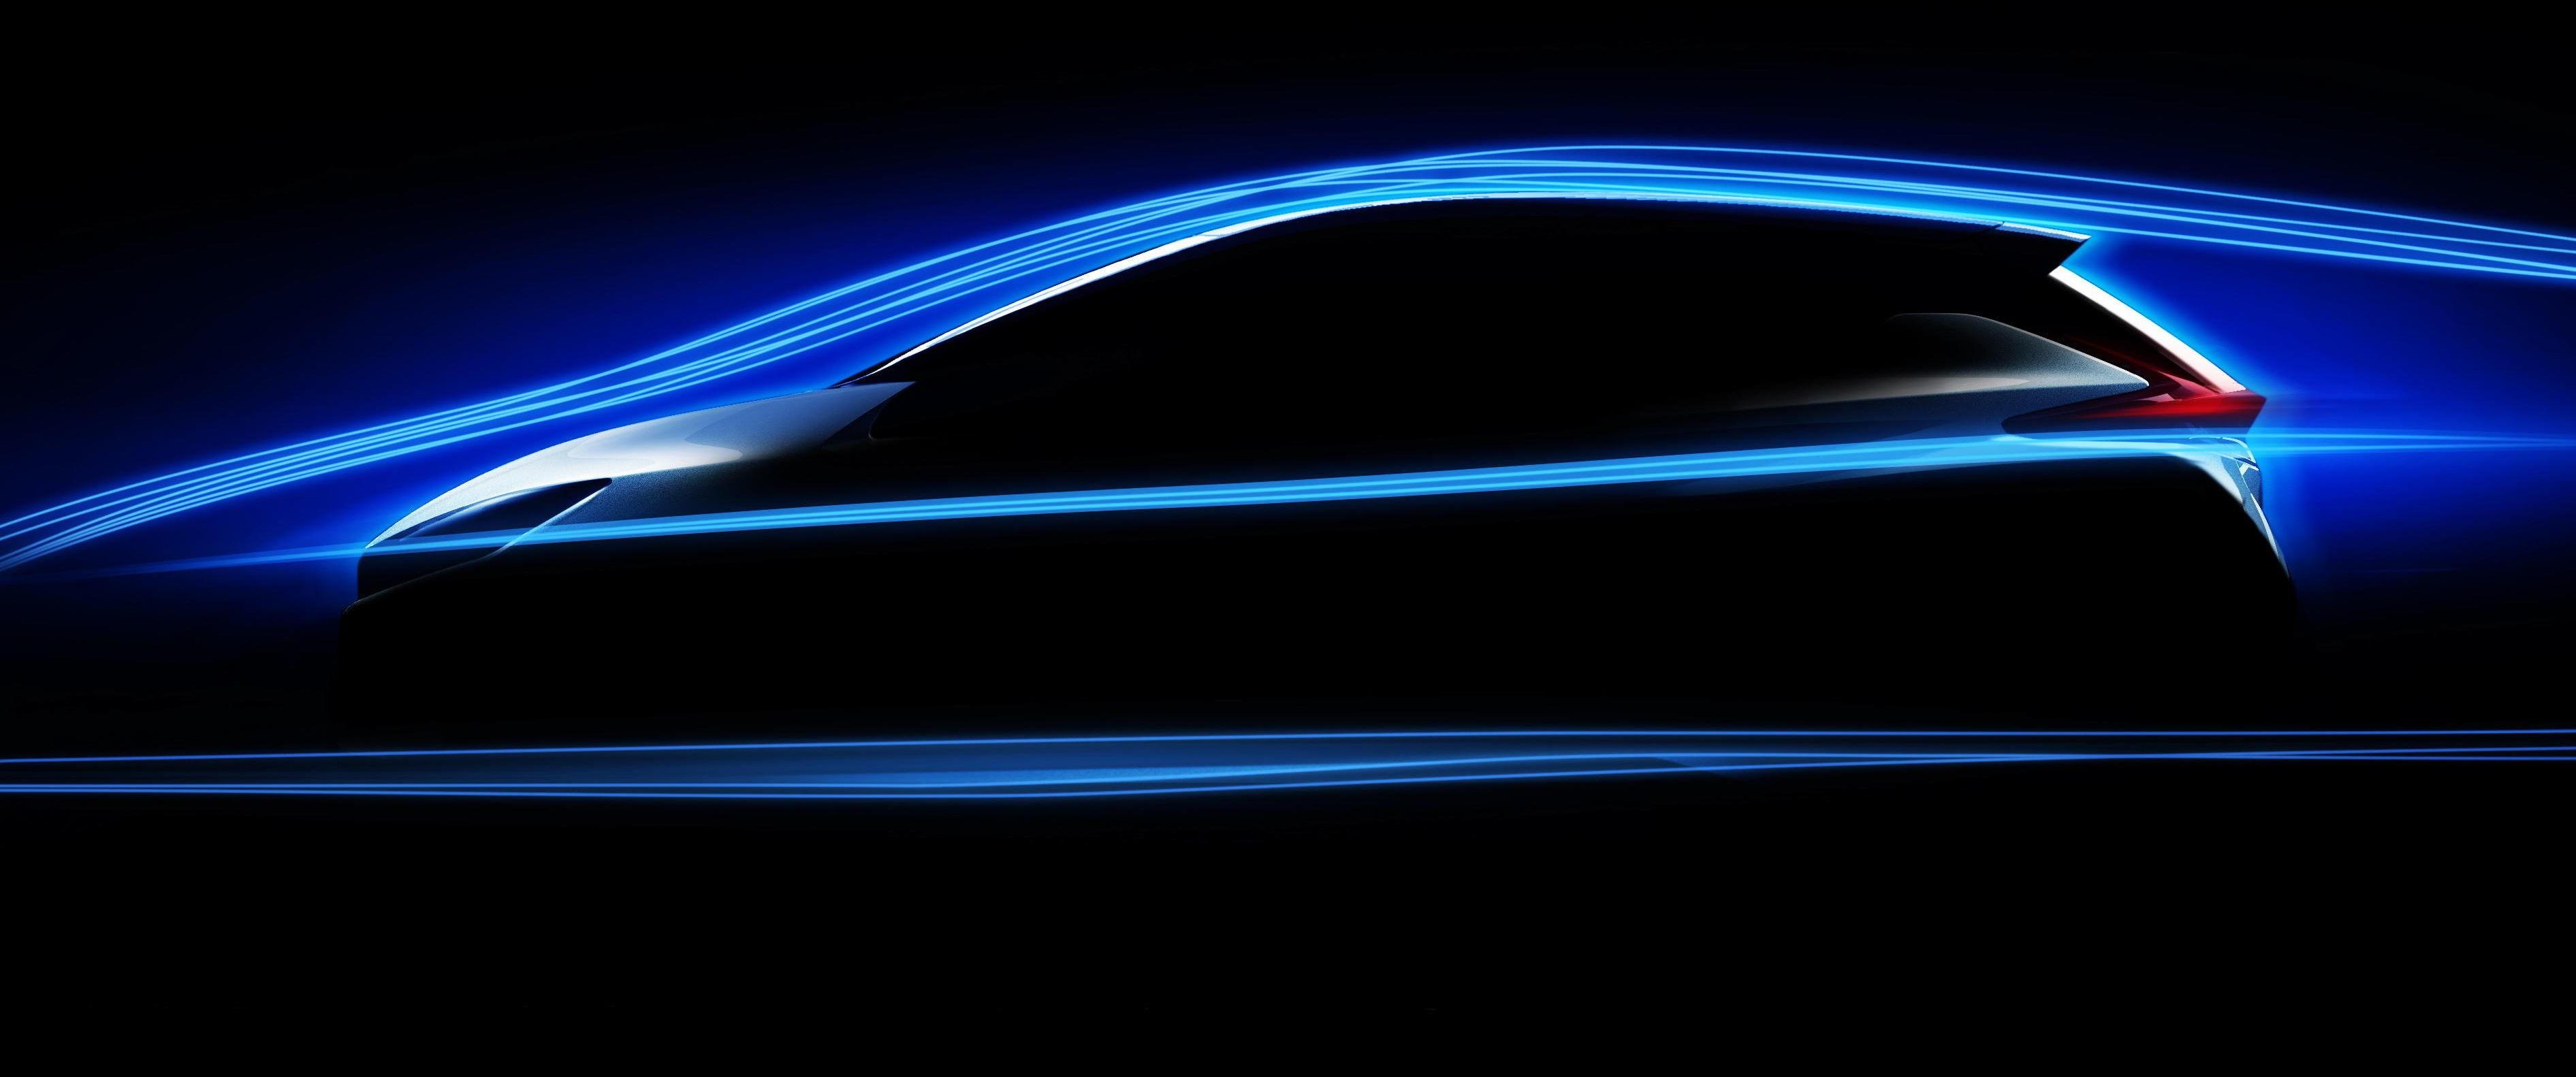 NYE NISSAN LEAF: Dette er det eneste offisielle «bildet» vi har av designet til Nissan Leaf 2018-modell. Det er ikke mye det avslører, men det later til at Nissan legger opp til en mer sportslig profil.